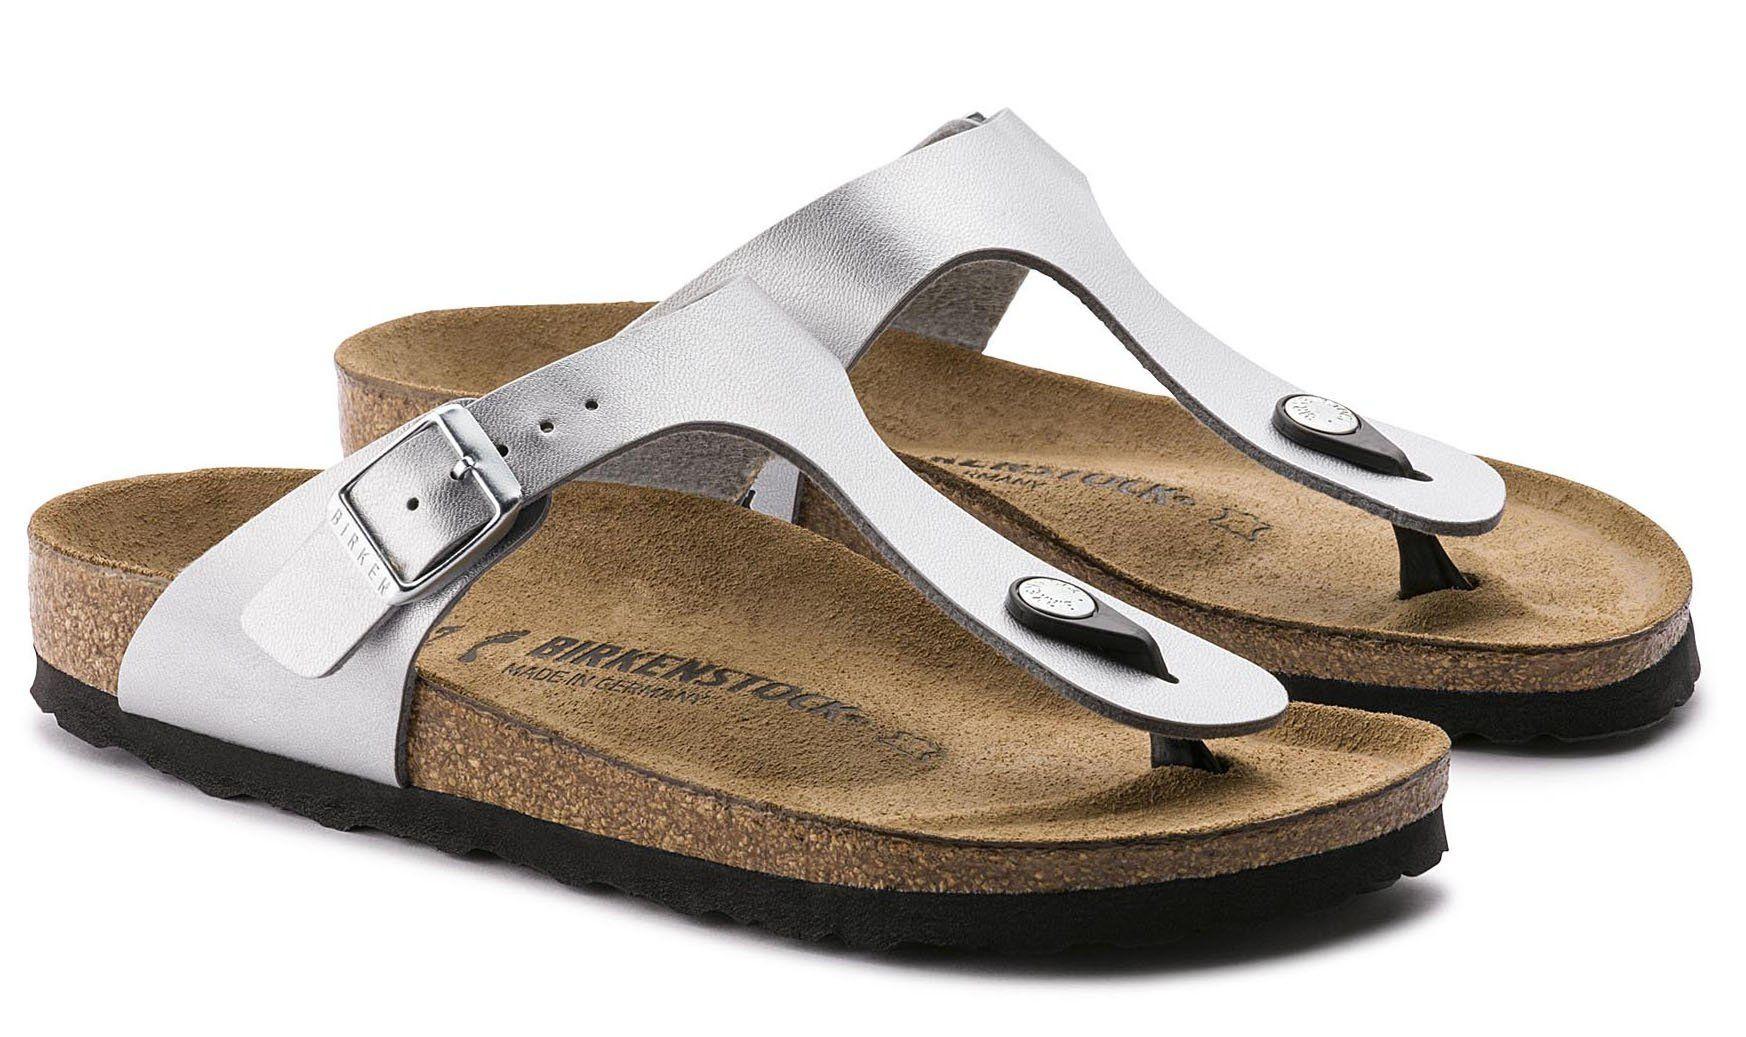 Birkenstock Gizeh 'Cork-Footbed' Silver Birko-Flor Women's Sandals [New Style] (40 M EU / 9-9.5 B(M) US)